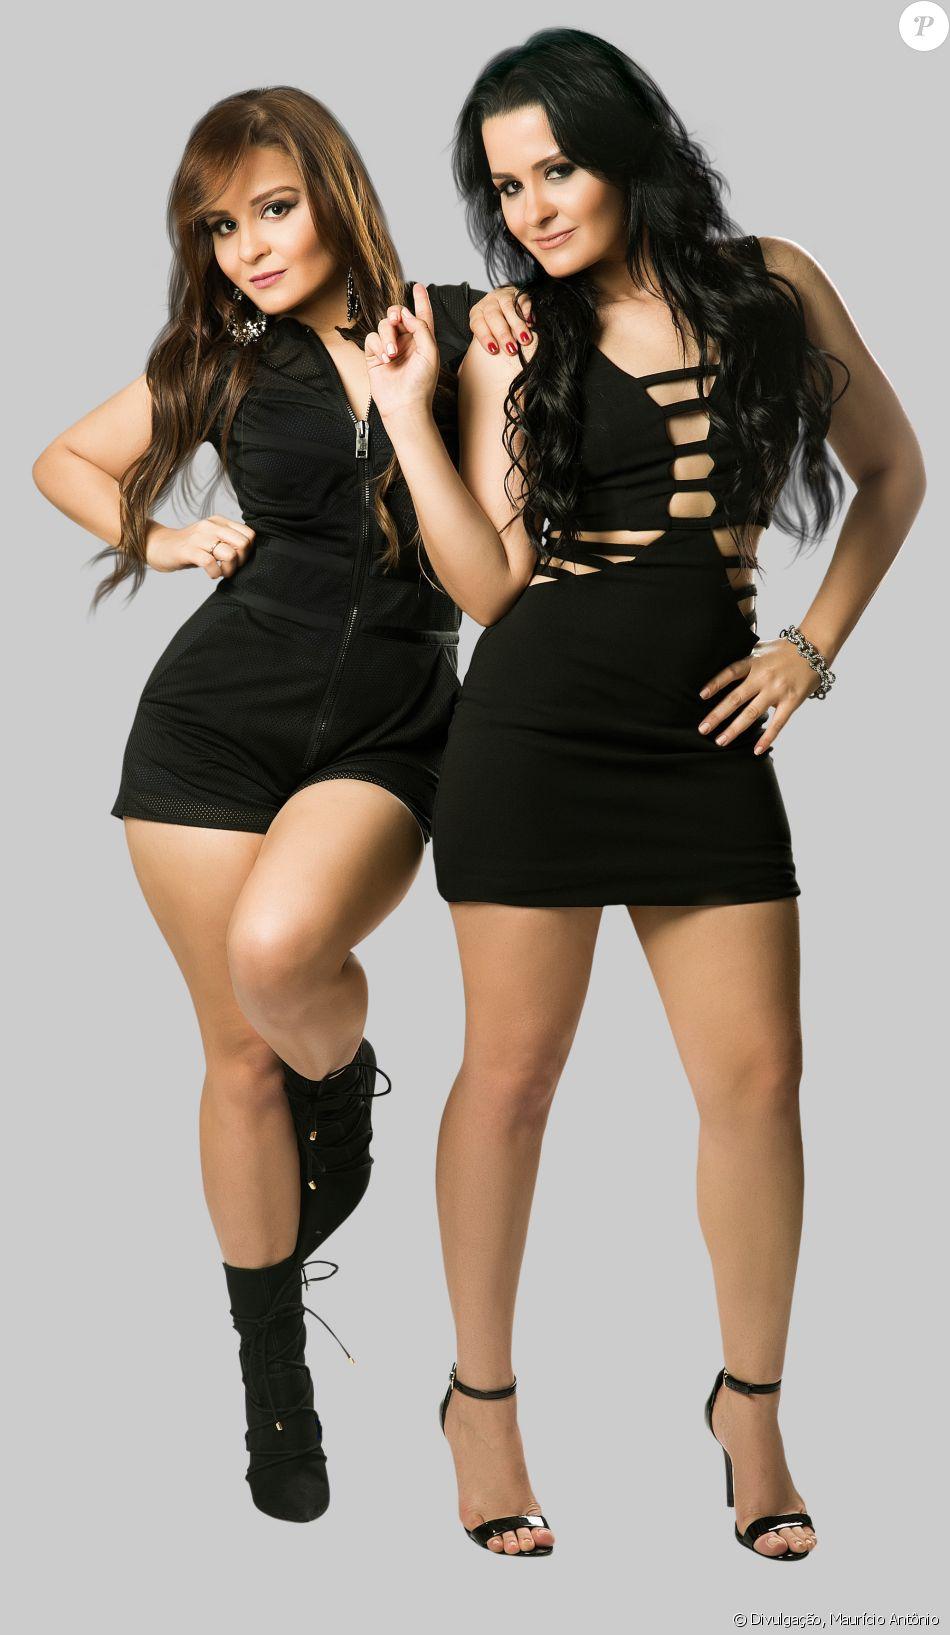 Maraísa, da dupla com Maiara, contou que perdeu dez quilos após fazer lipoaspiração